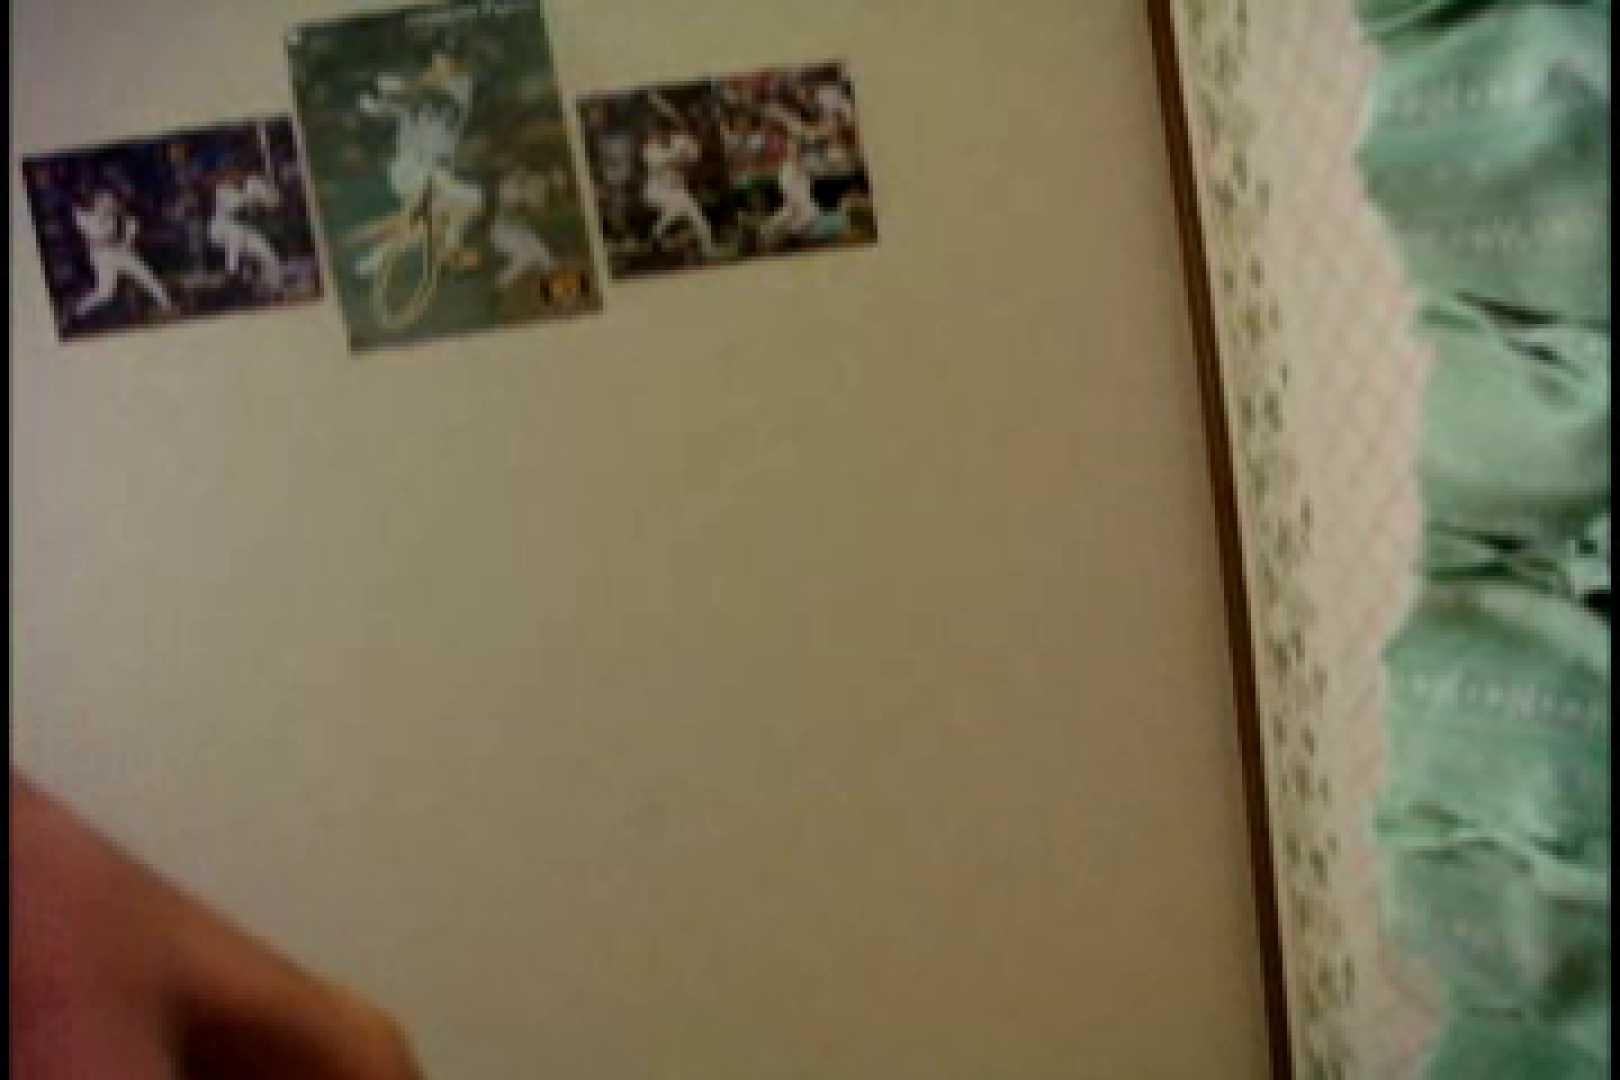 オナ好きノンケテニス部員の自画撮り投稿vol.05 オナニー専門男子 ゲイエロ動画 76画像 62